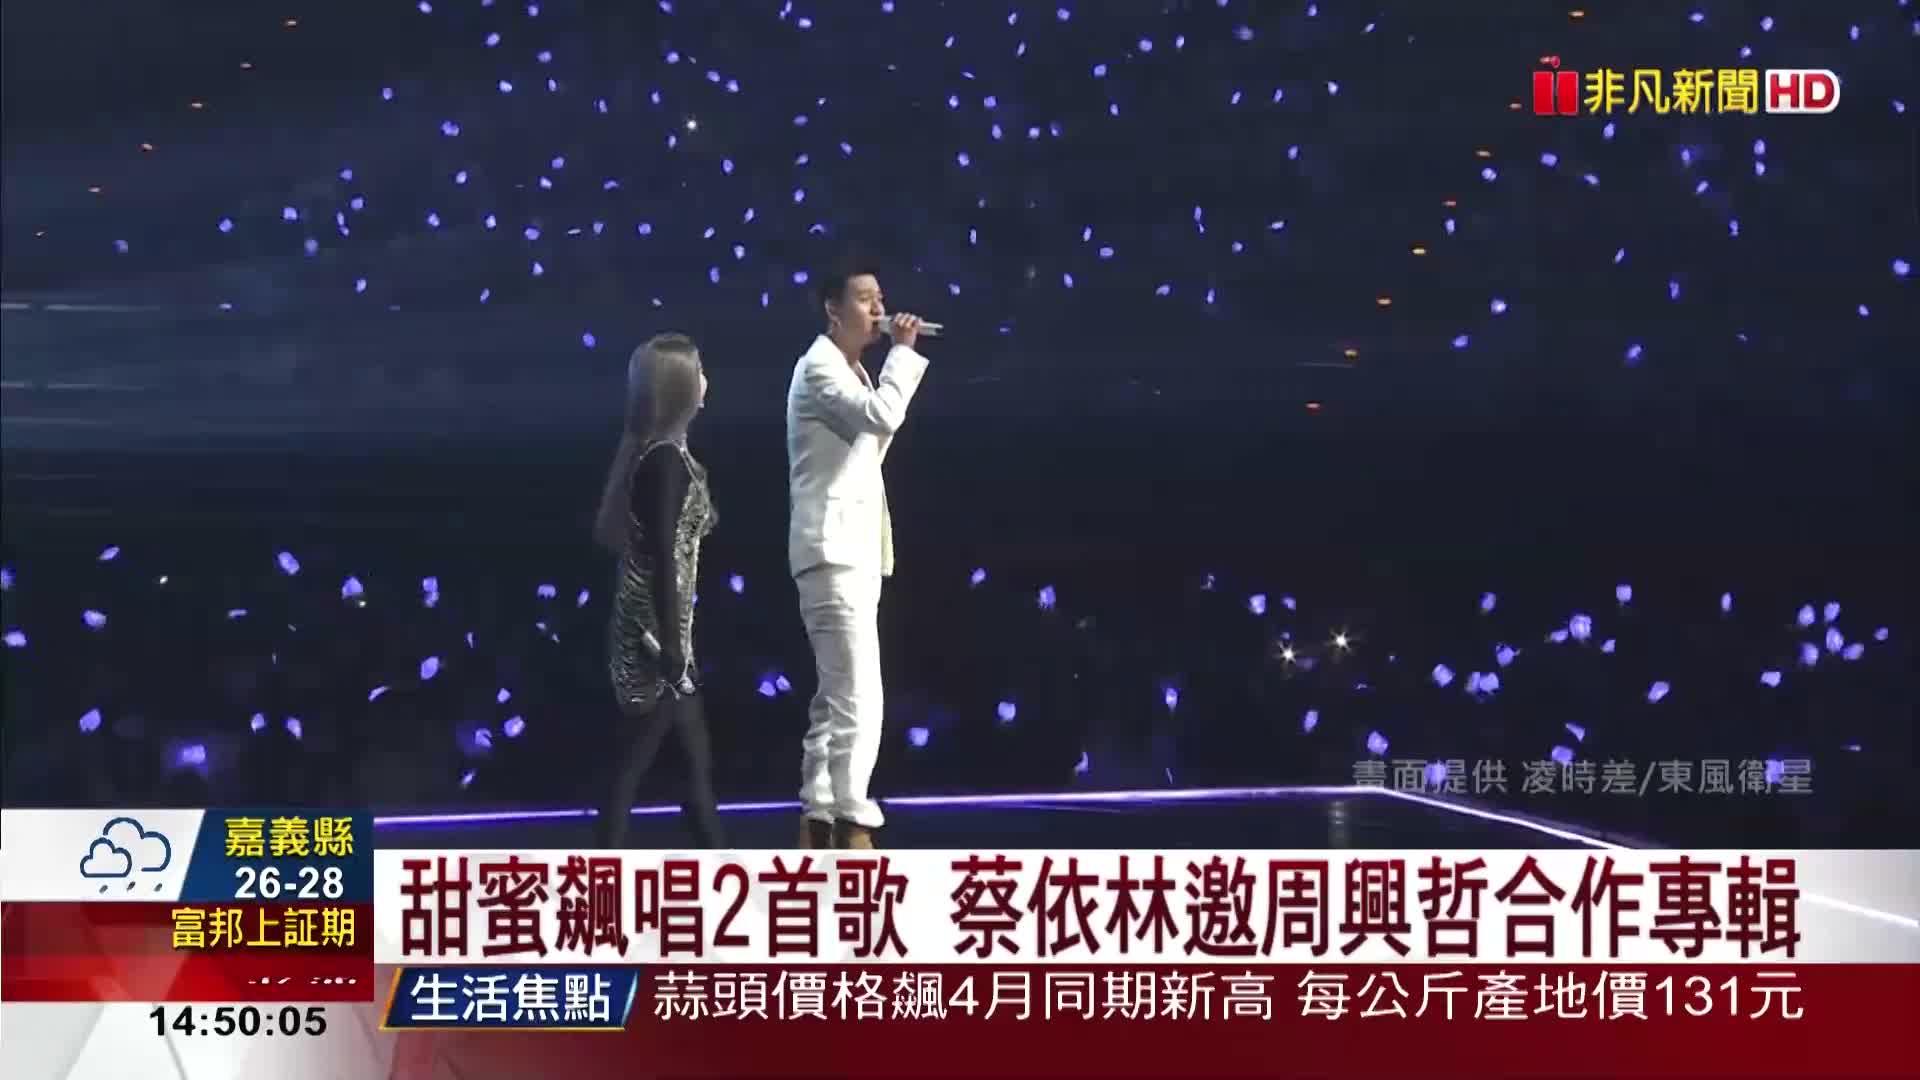 蔡依林台北最終場 合體周興哲粉絲嗨翻!